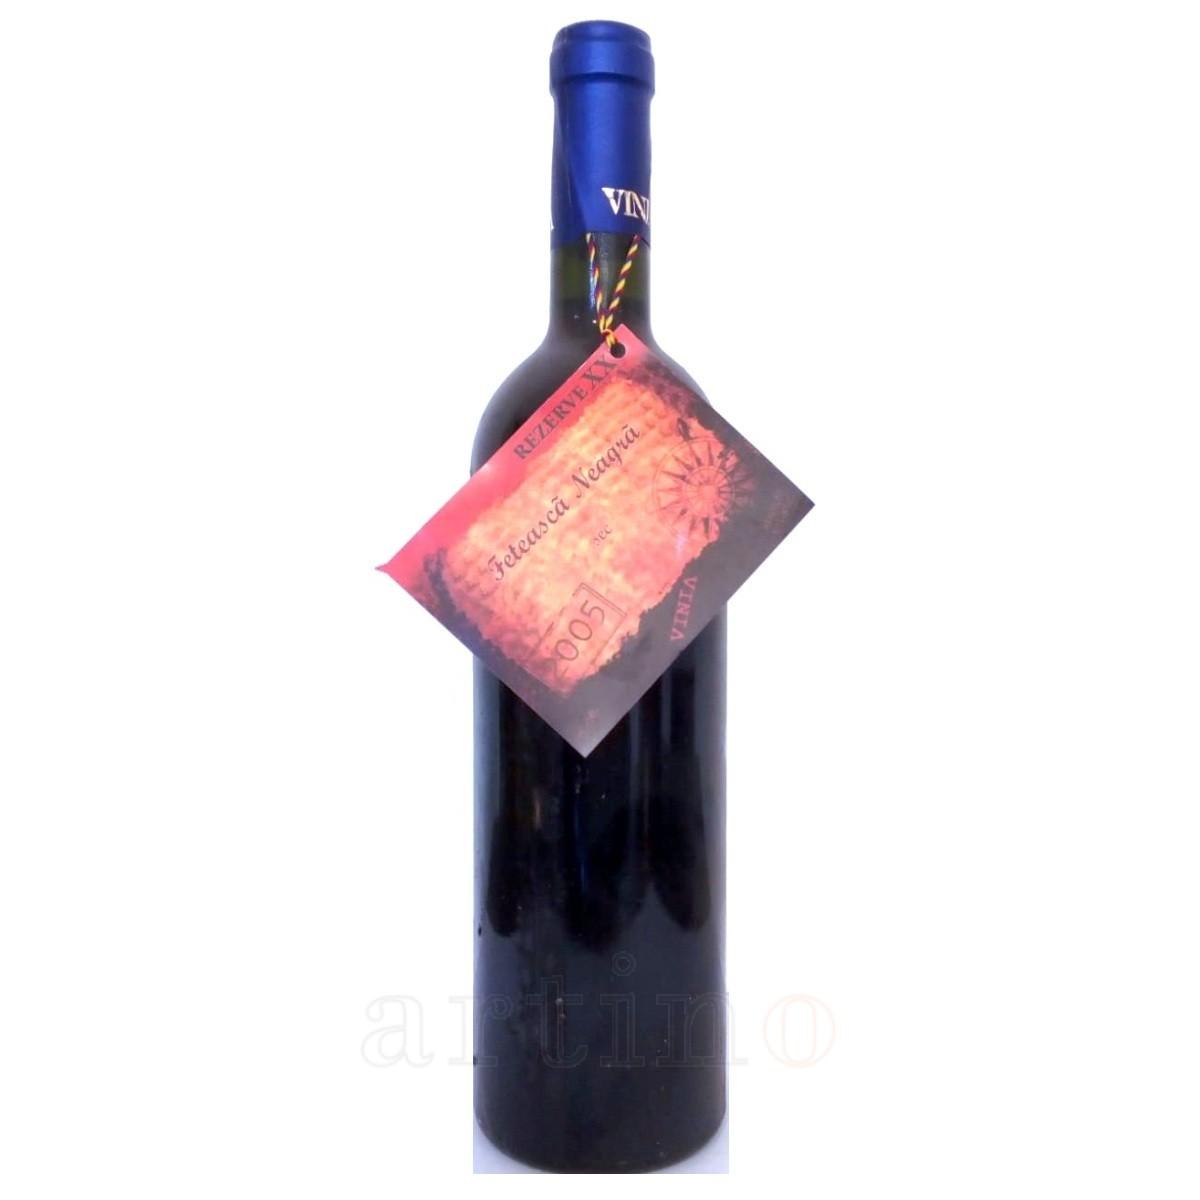 Vin colectie 2005 Feteasca Neagra Uricani